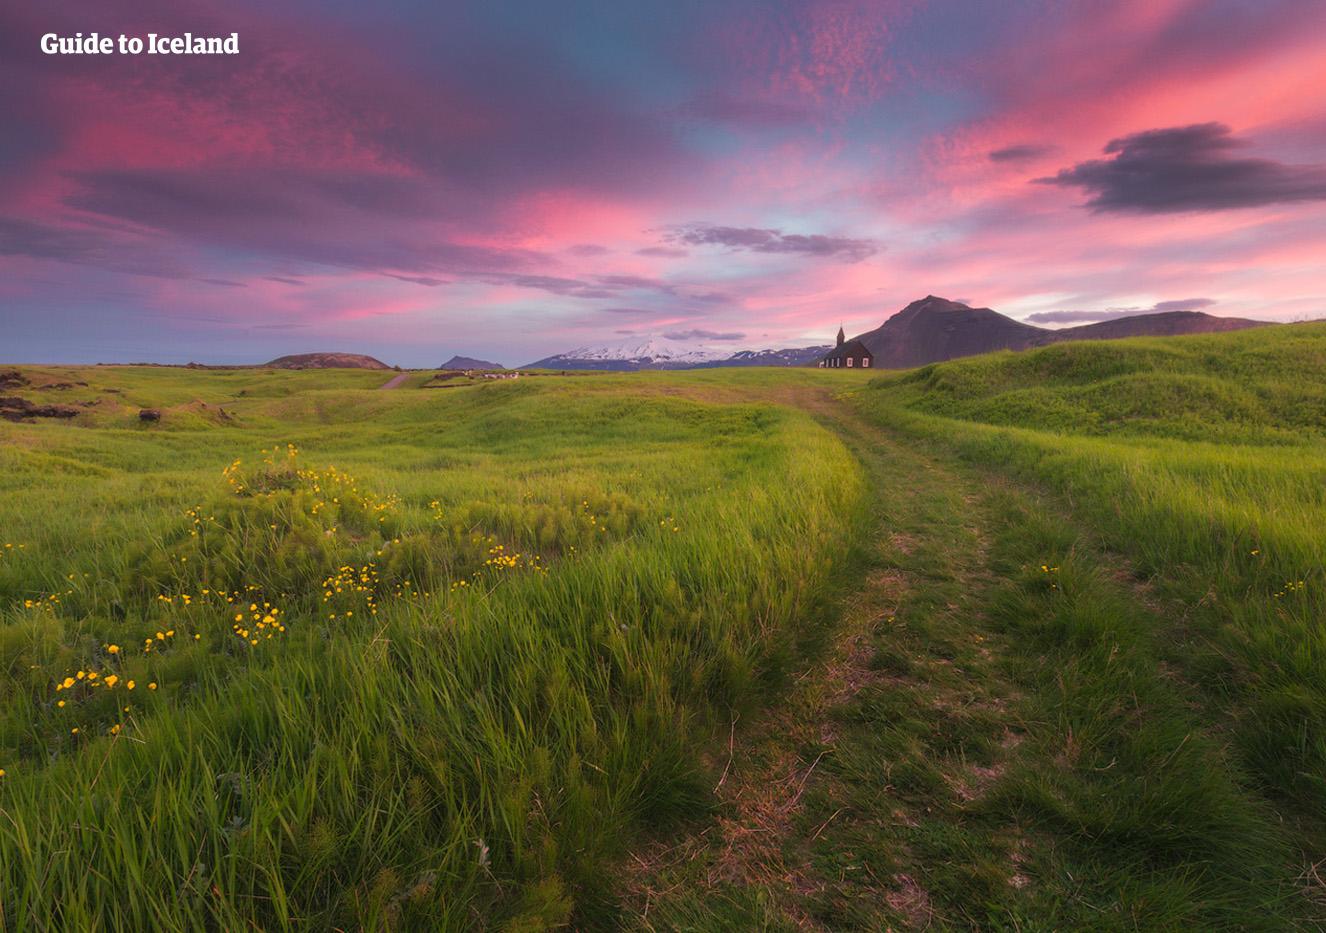 En vei på Snæfellsnes leder til kirken i Buðir og, et stykke lenger unna, Snæfellsjökull.